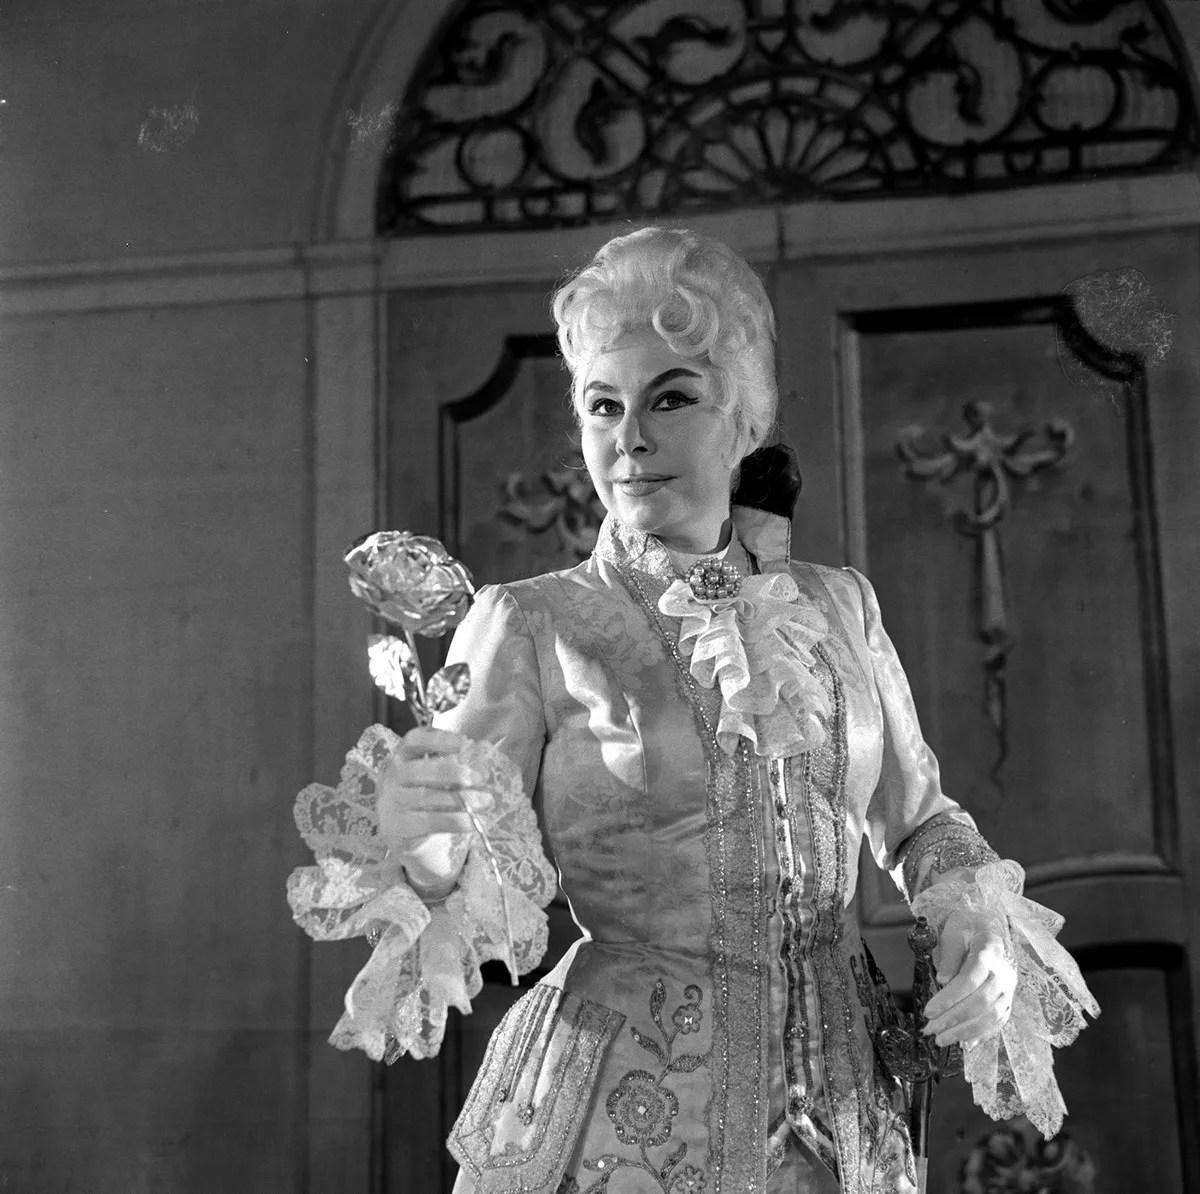 1961 Der Rosenkavalier, photo by Erio Piccagliani © Teatro alla Scala